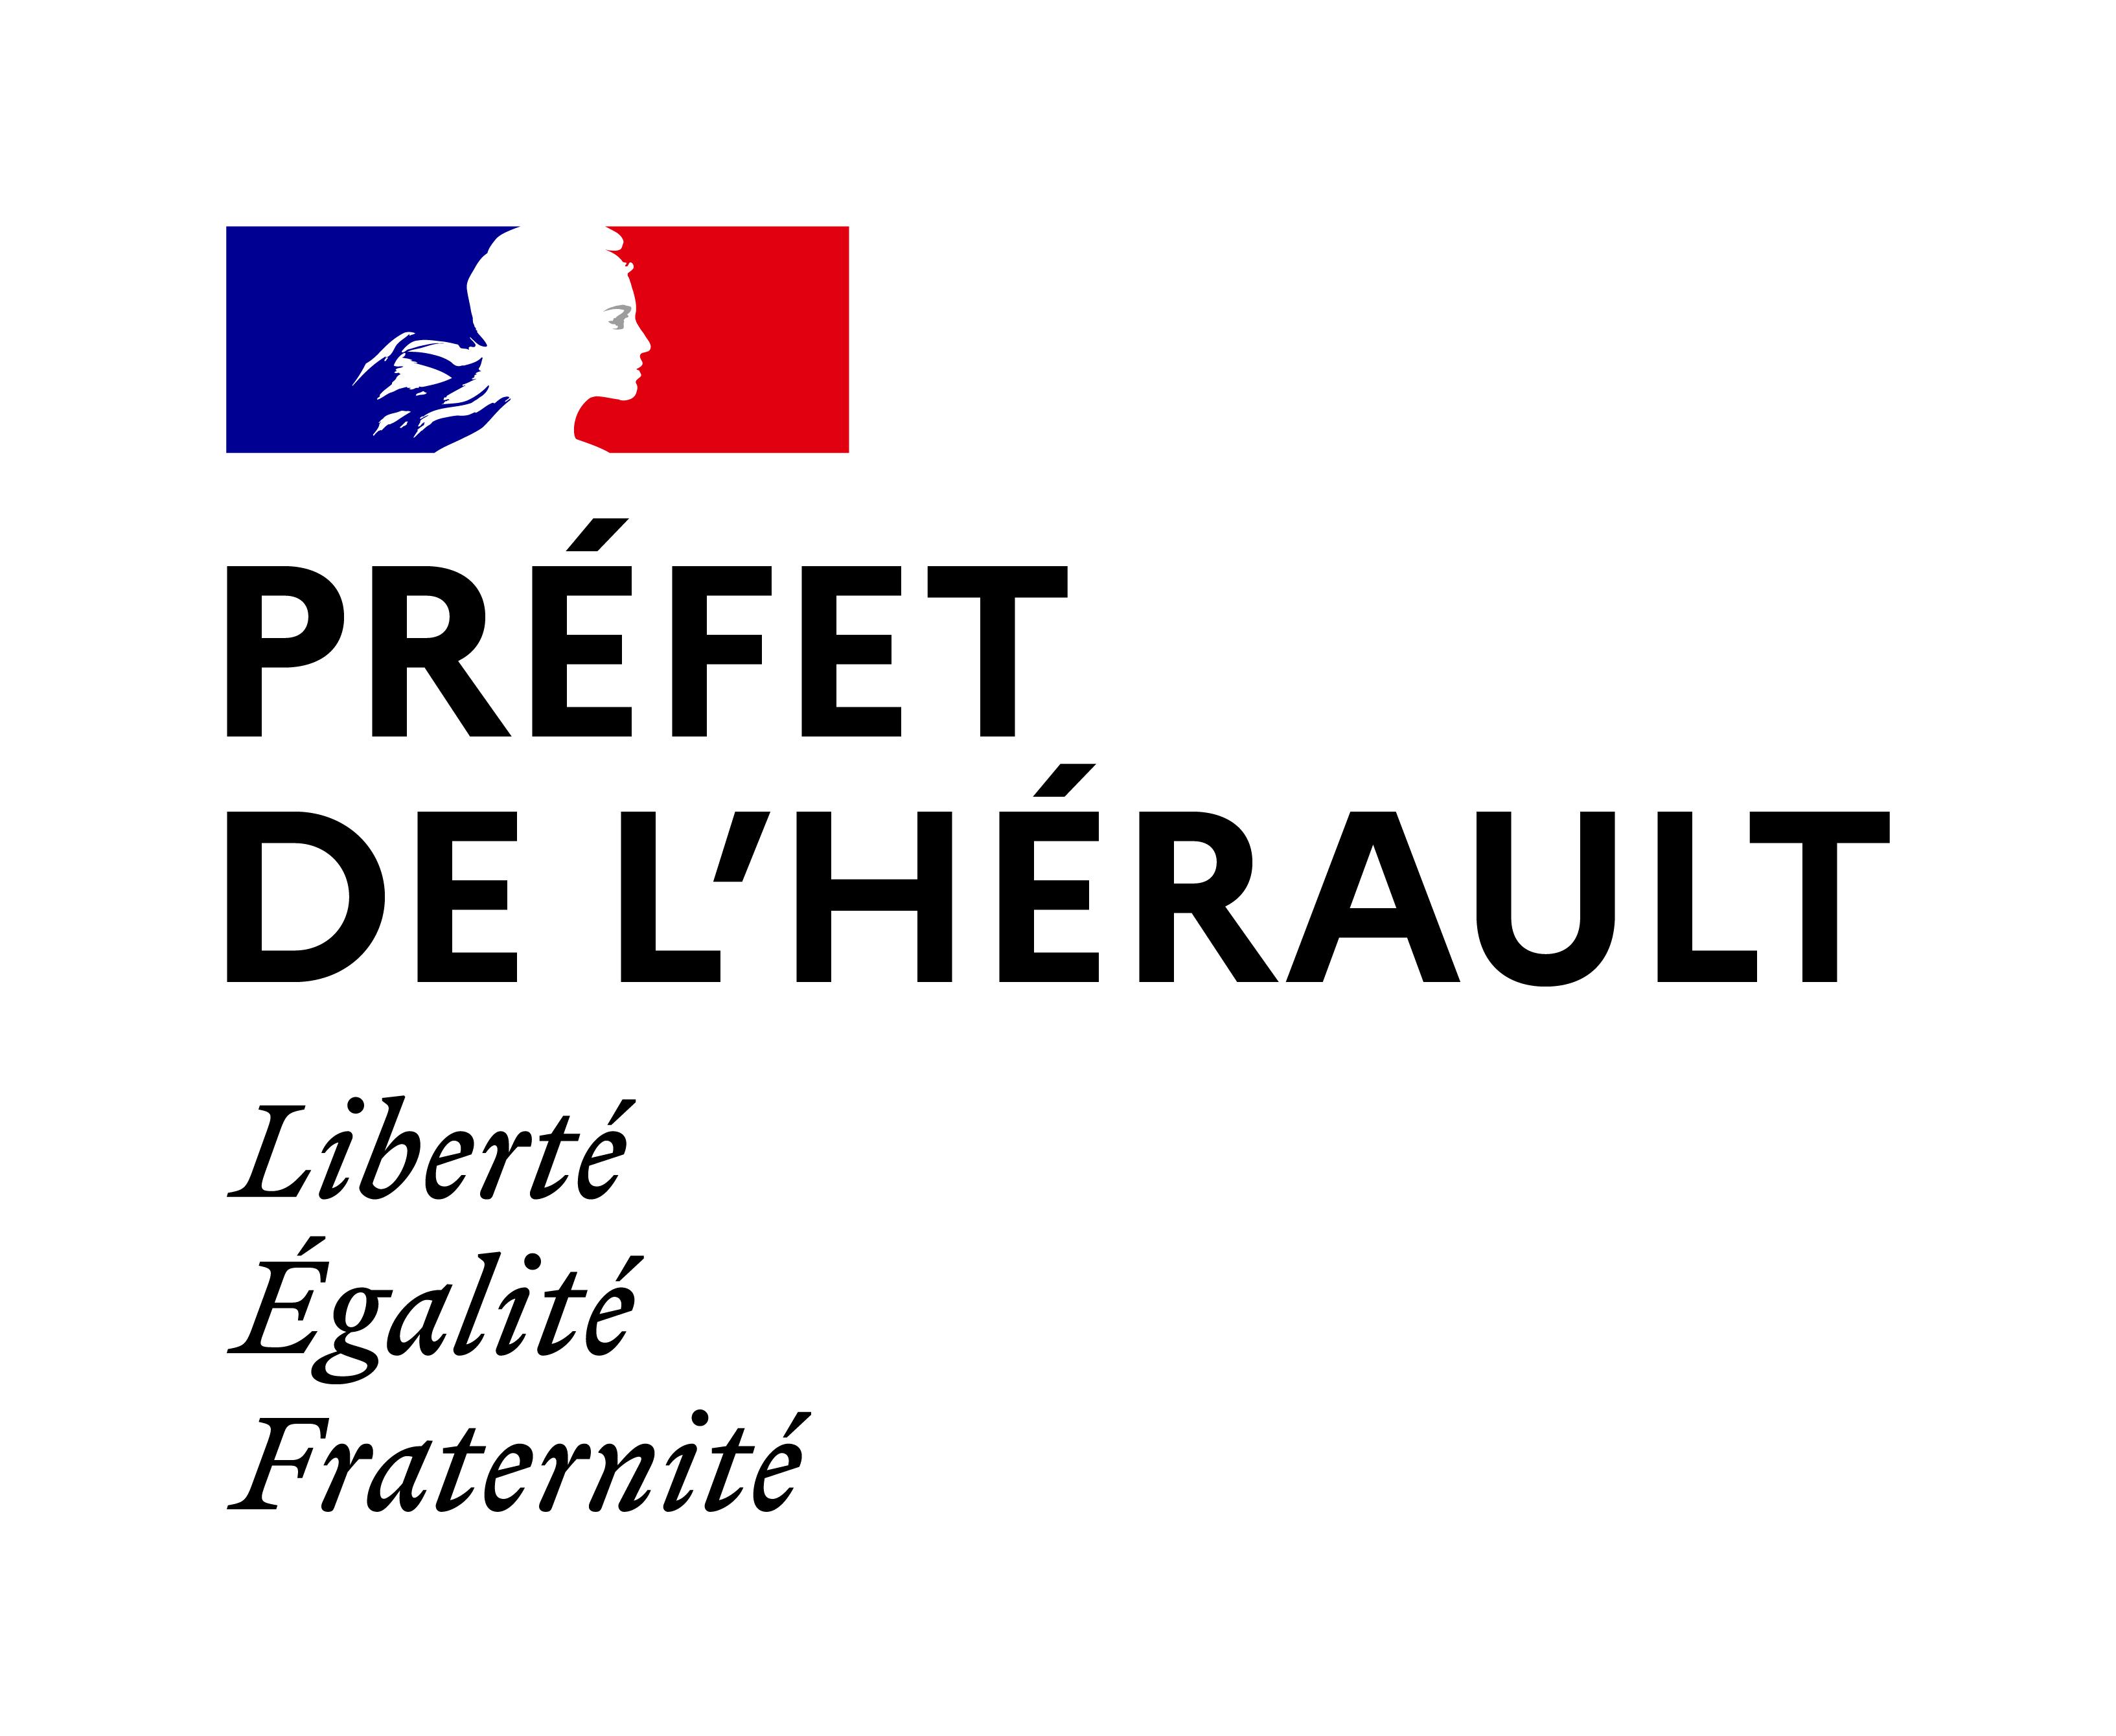 PREF_Herault_RVB_NEW.jpg